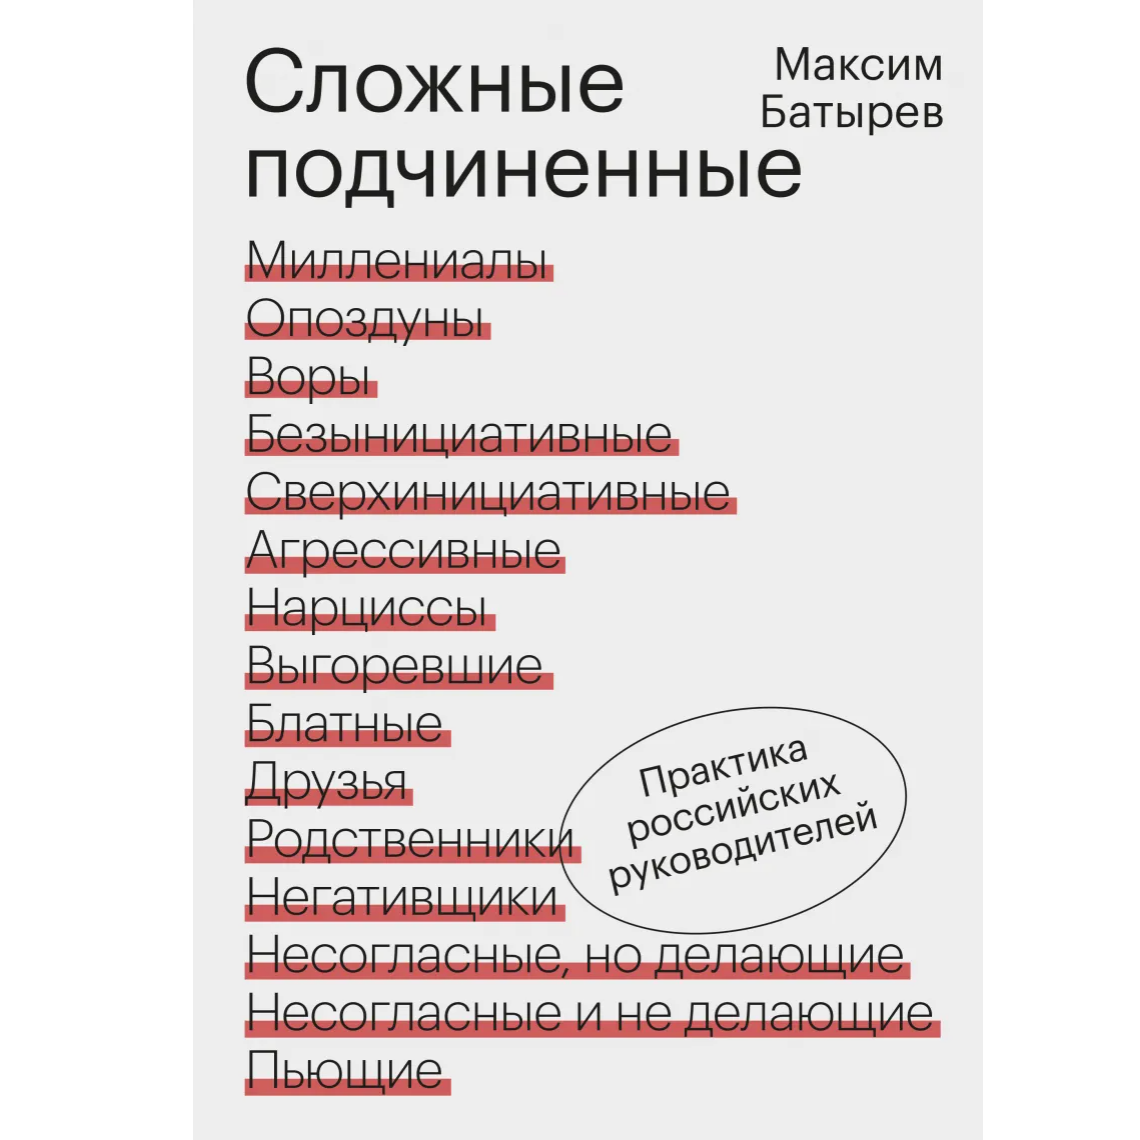 Максим Батырев «Сложные подчиненные. Практика российских руководителей»